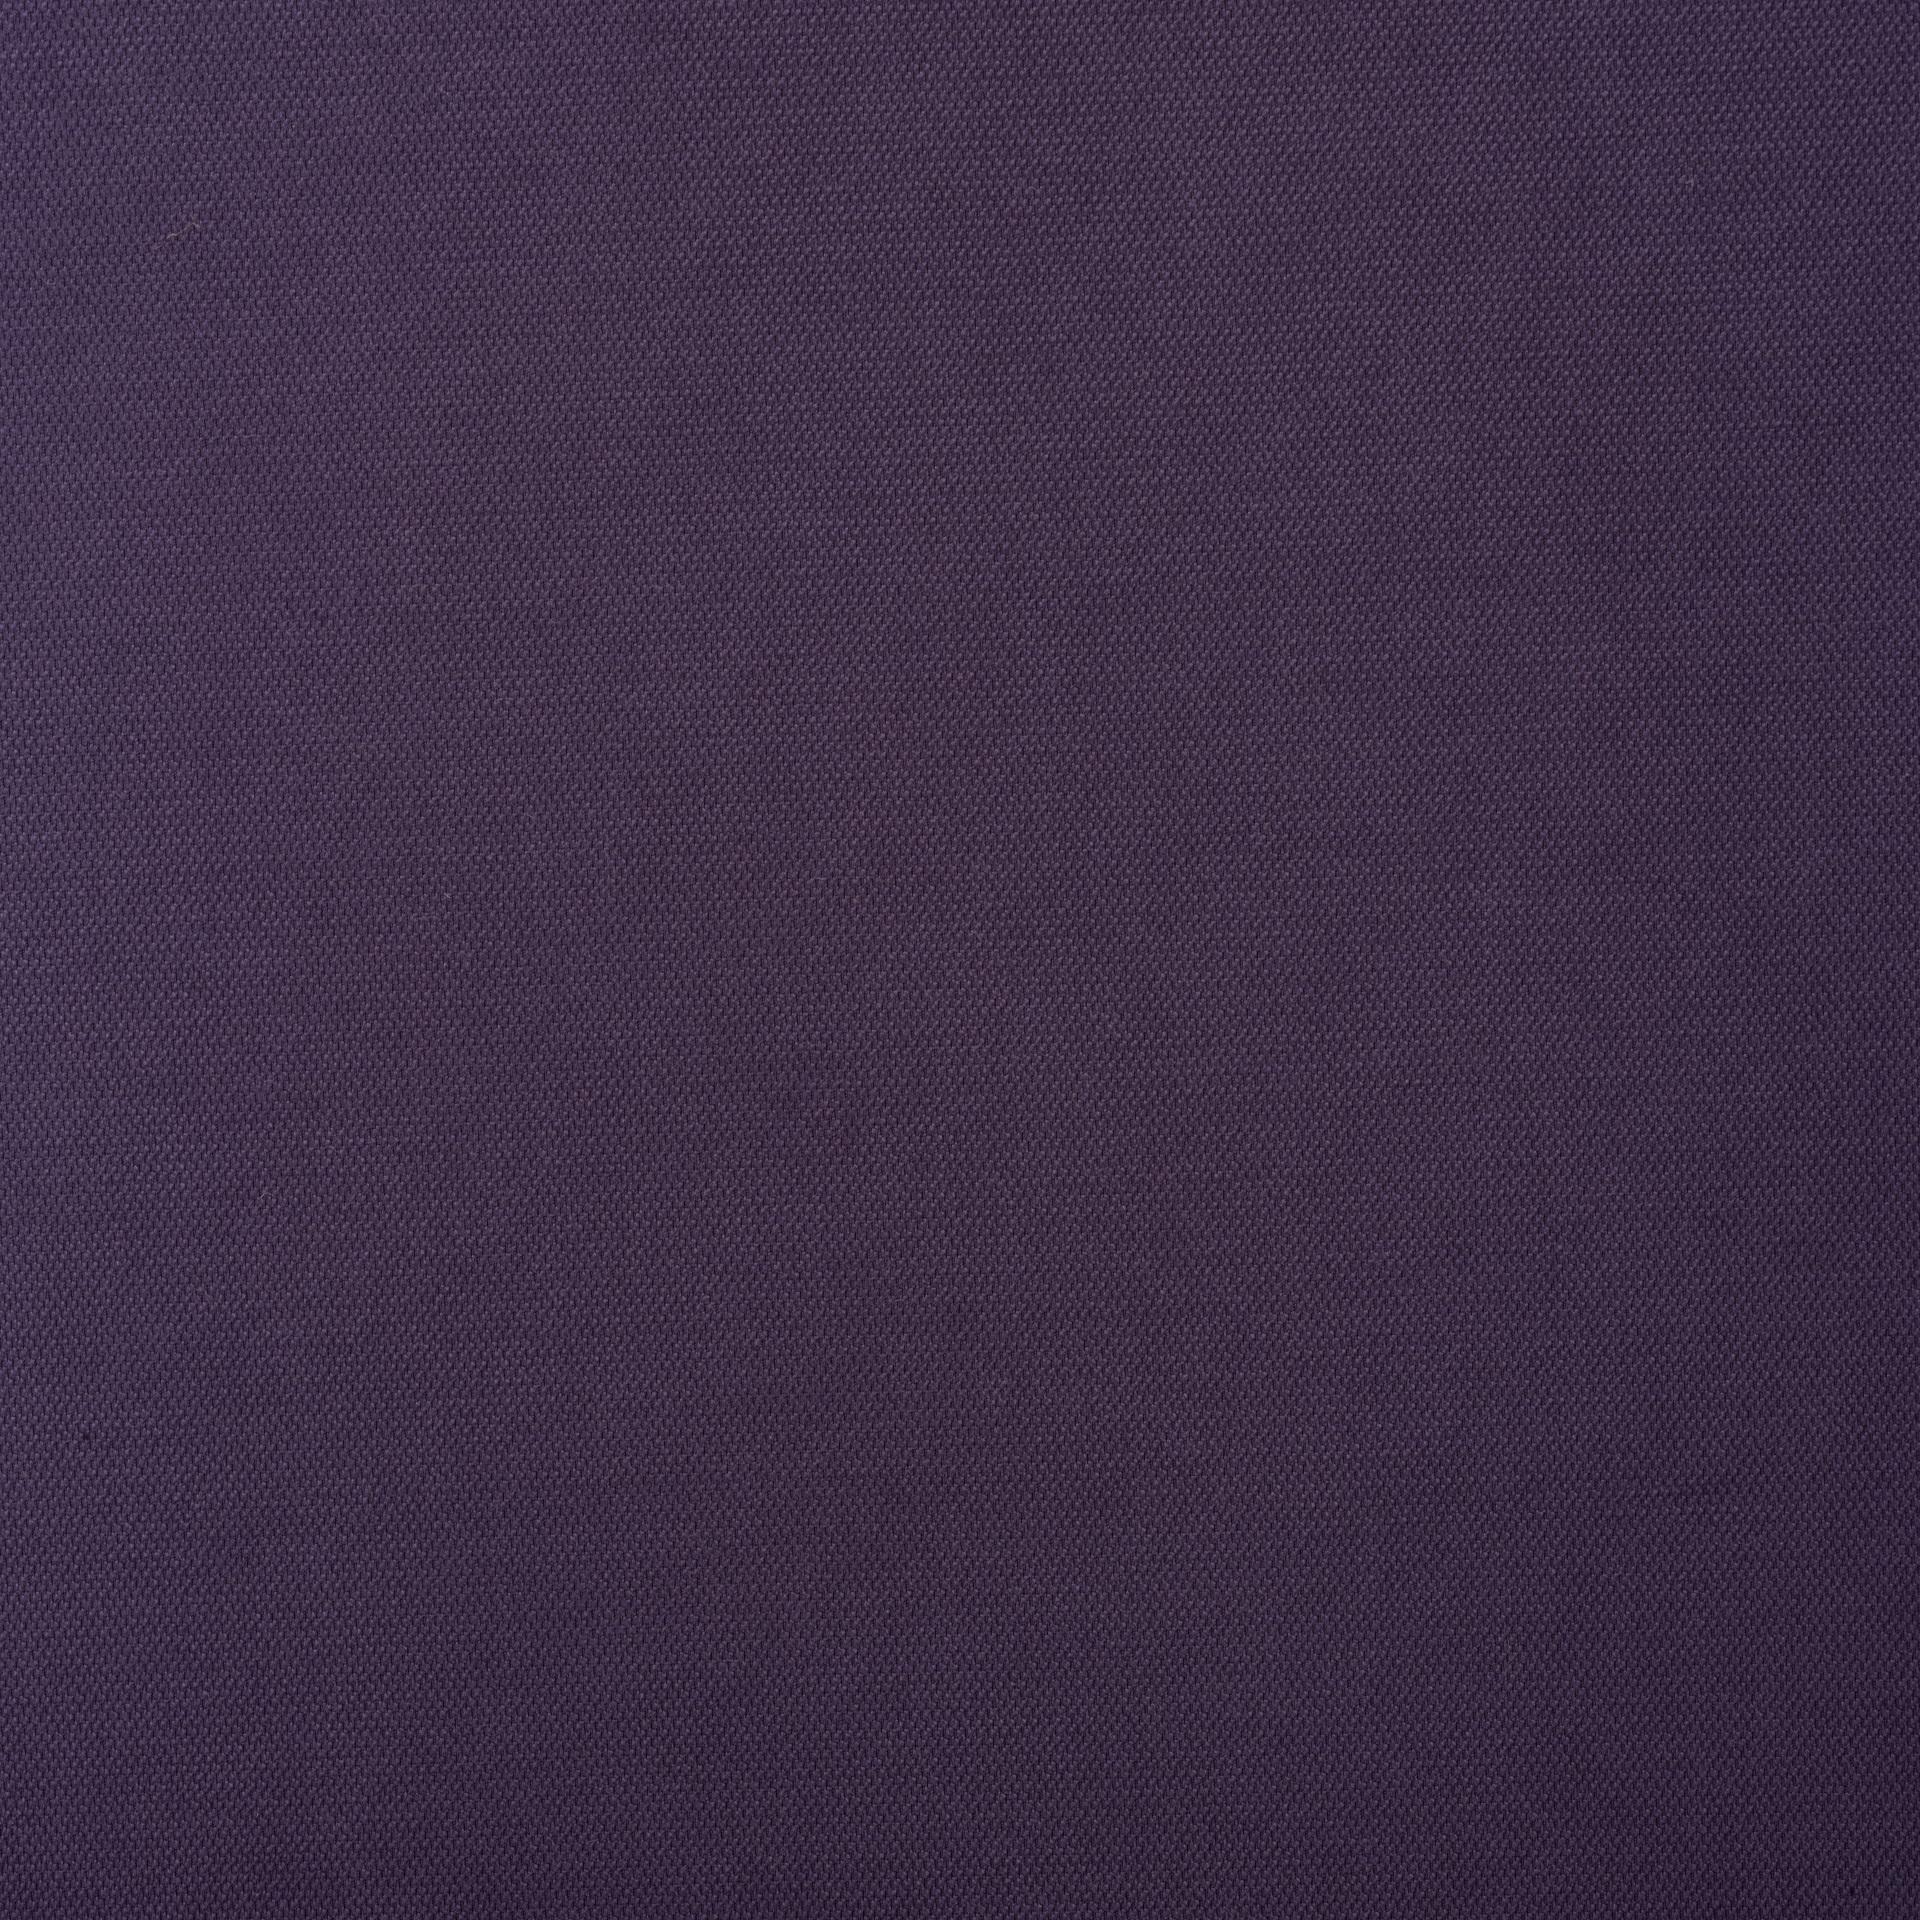 Коллекция ткани Стэнли 25 DEEP IRIS,  купить ткань Жаккард для мебели Украина